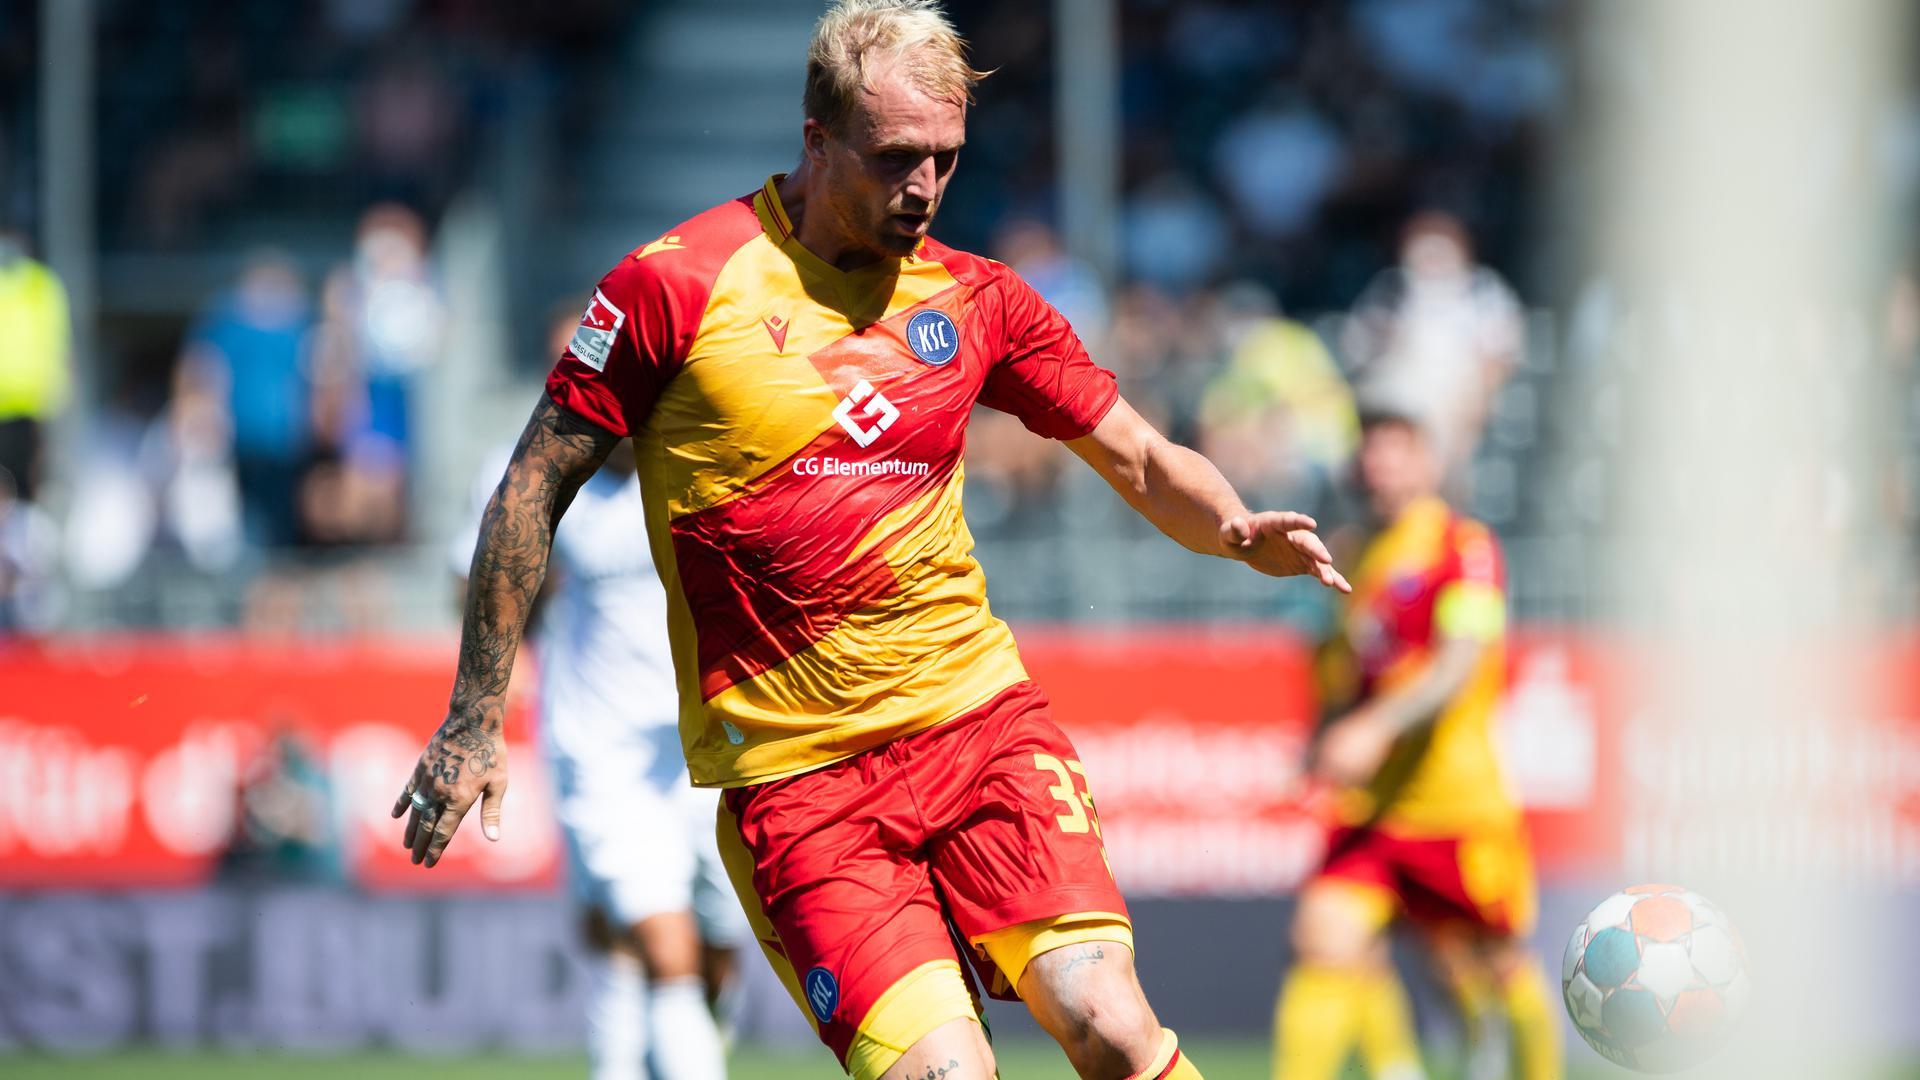 Korb für Werder: Philipp Hofmann weckte das Interesse beim nächsten KSC-Gegner von der Weser. Oliver Kreuzer lehnte das Angebot aus Bremen ab.